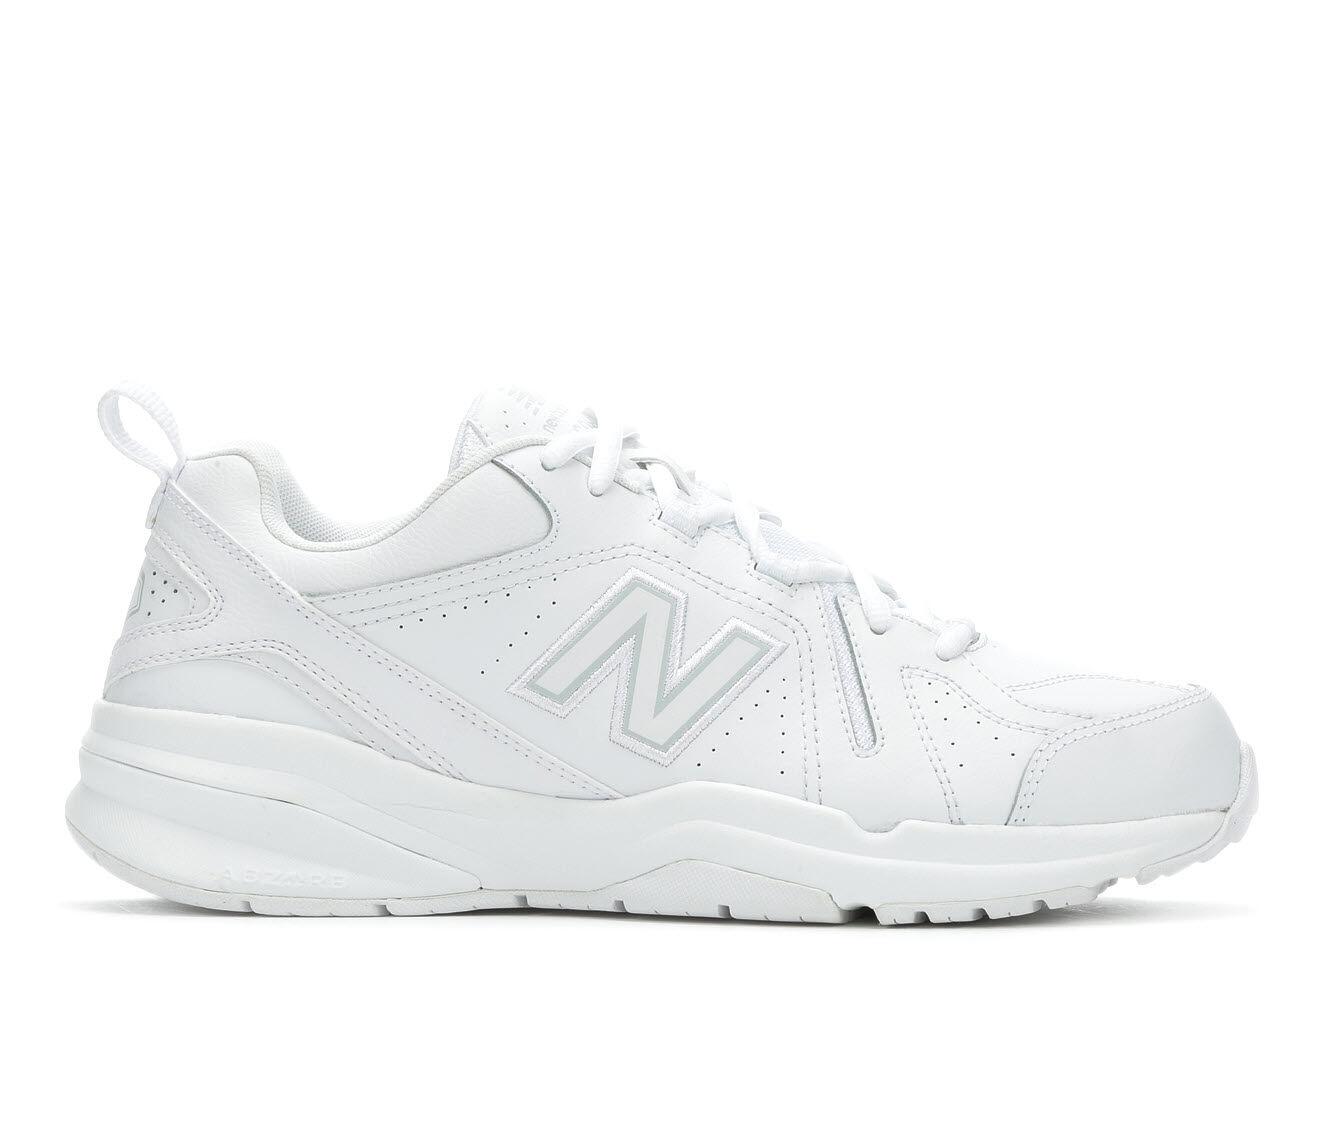 Men's New Balance MX608V5 Training Shoes Wht/Wht